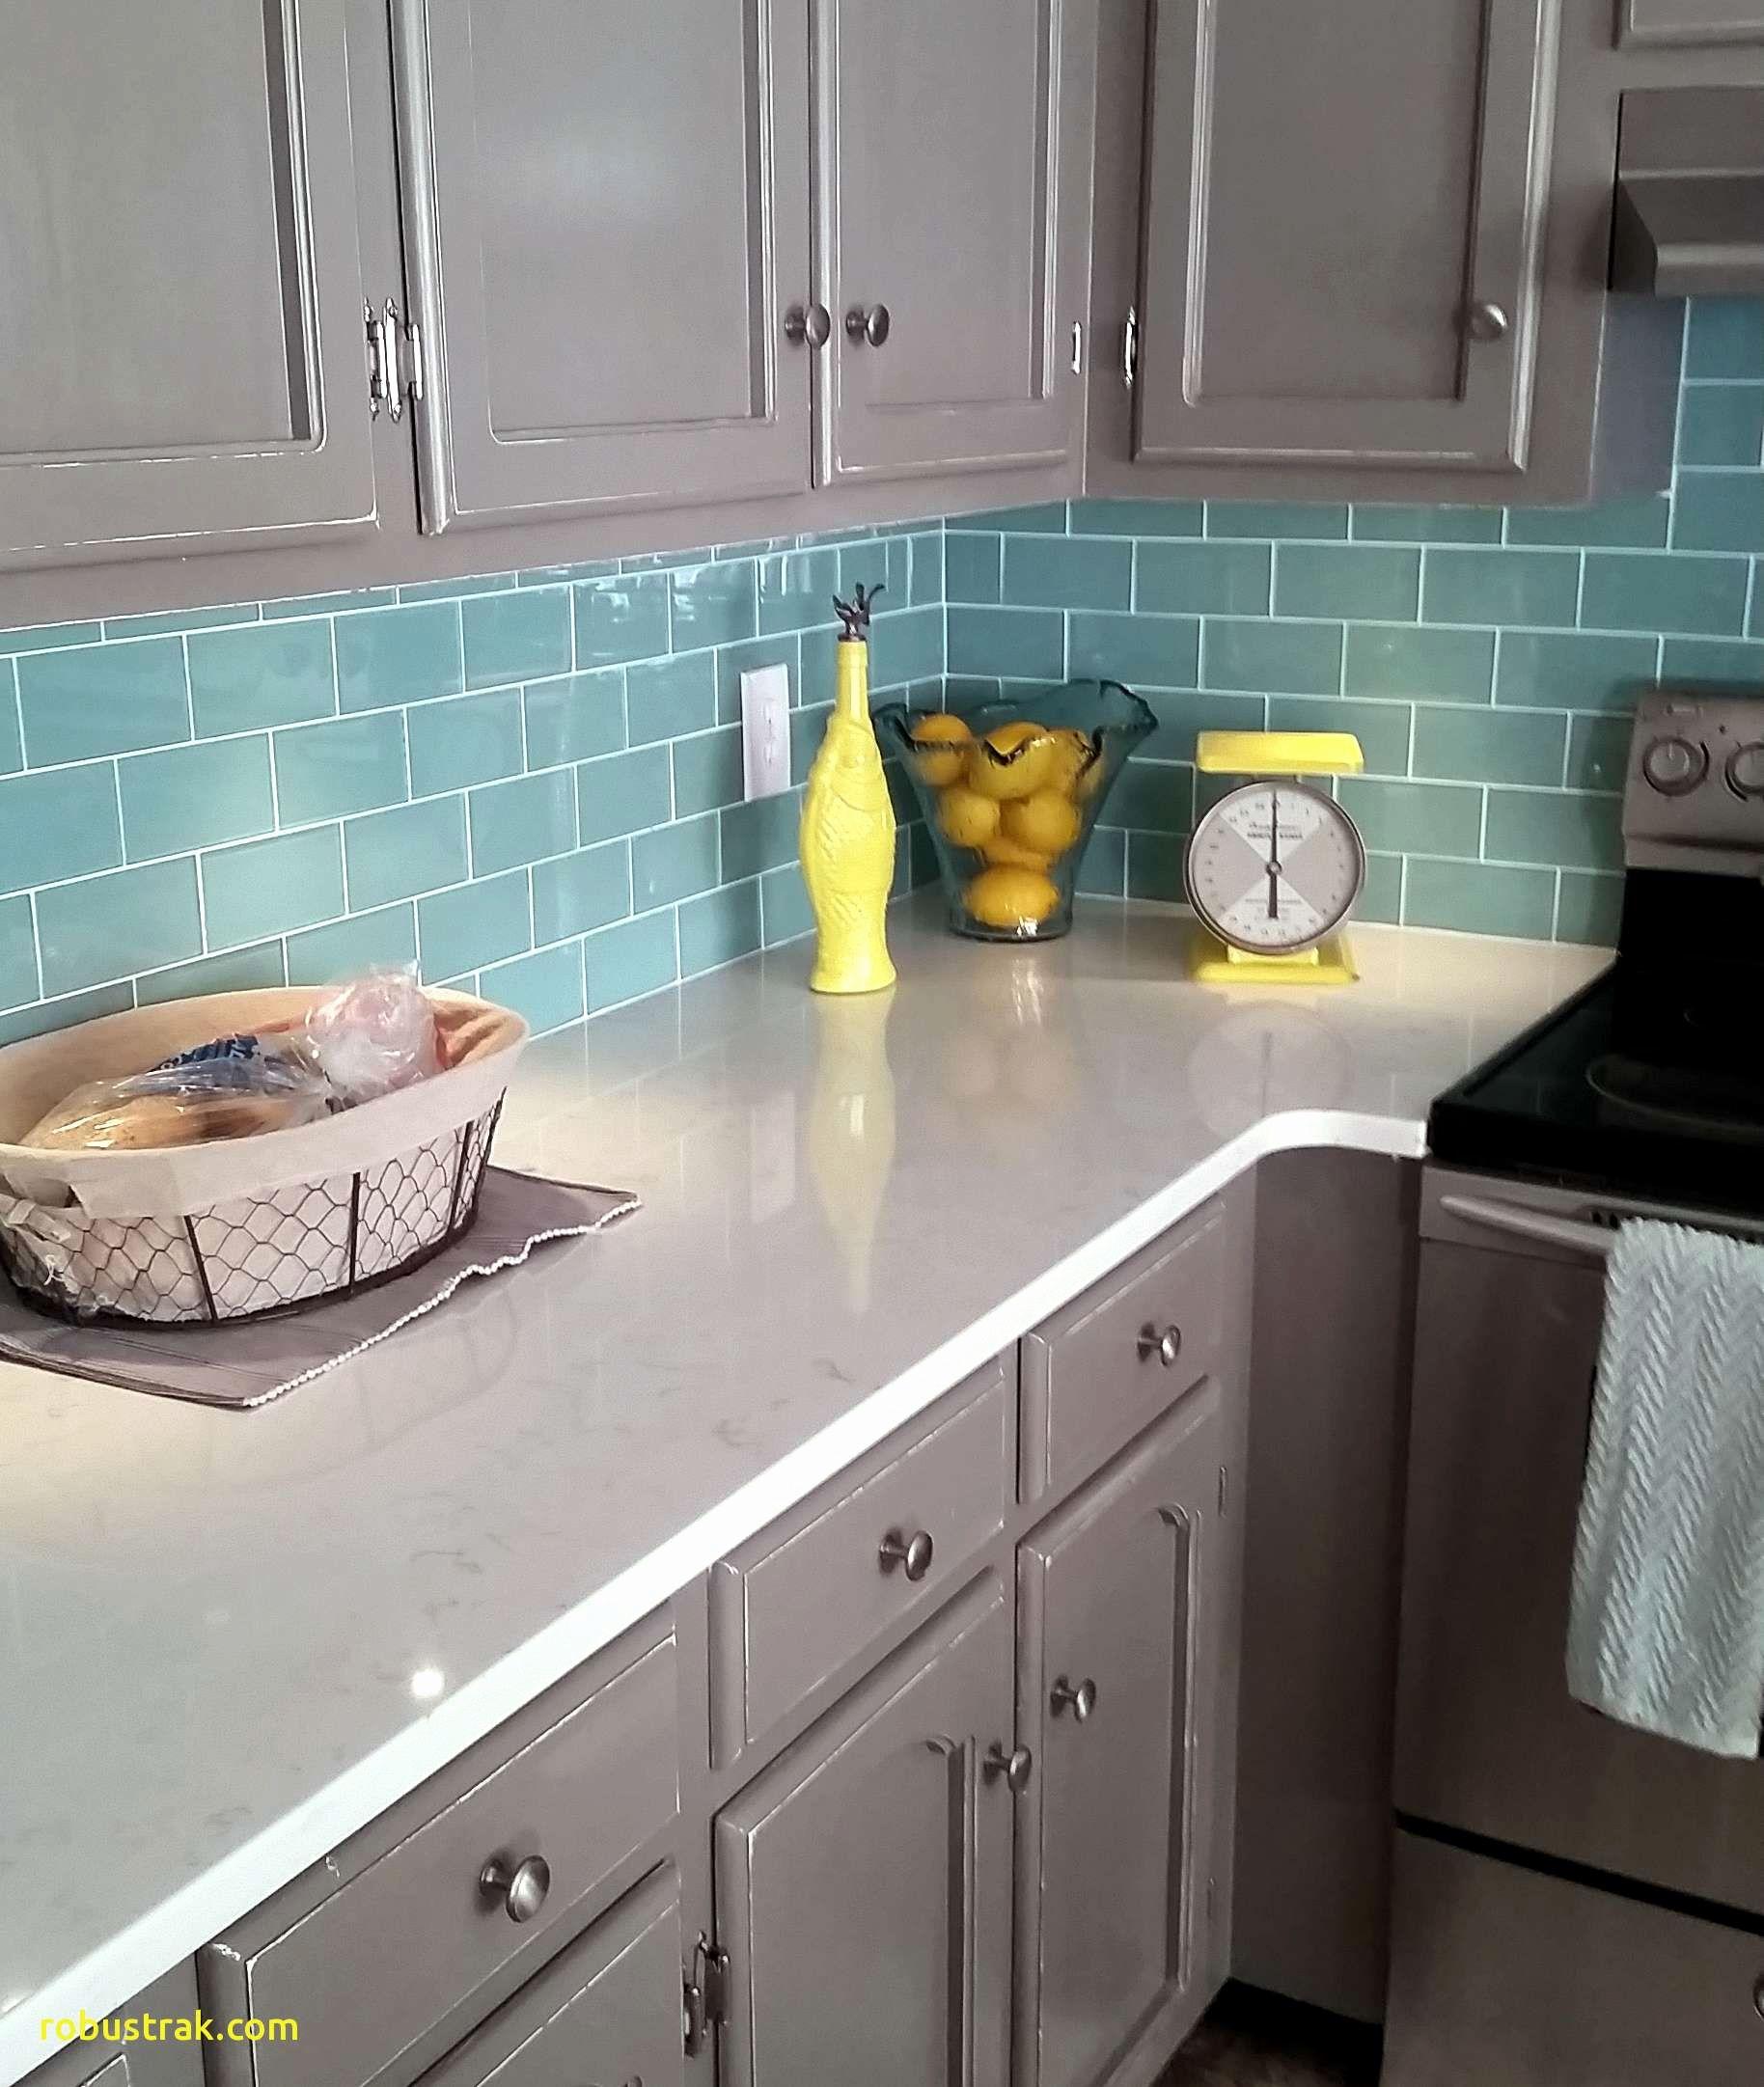 14 Best Size Subway Tile For In 2020 Trendy Kitchen Backsplash Kitchen Renovation Teal Kitchen